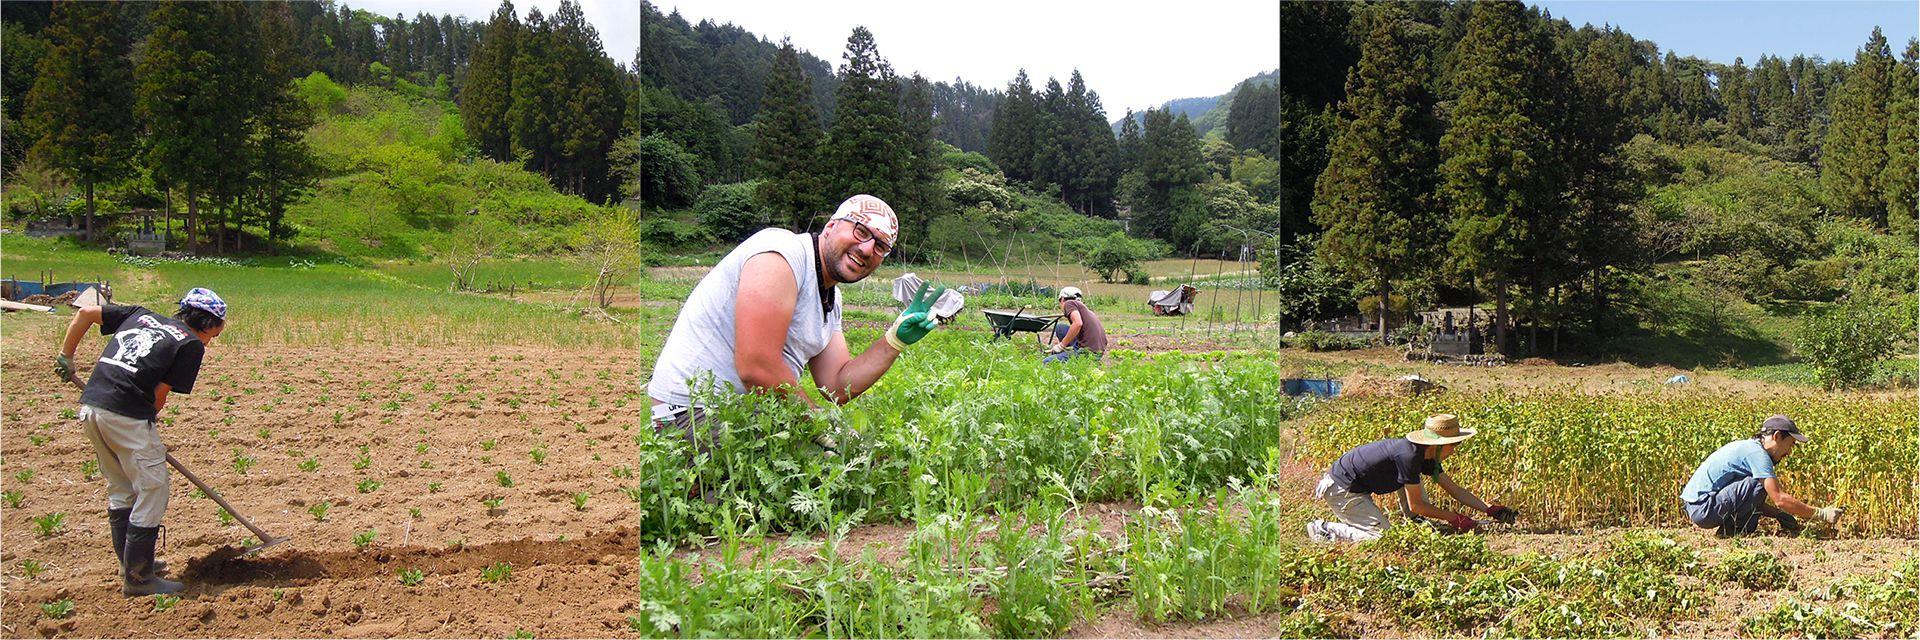 photo_farm_02